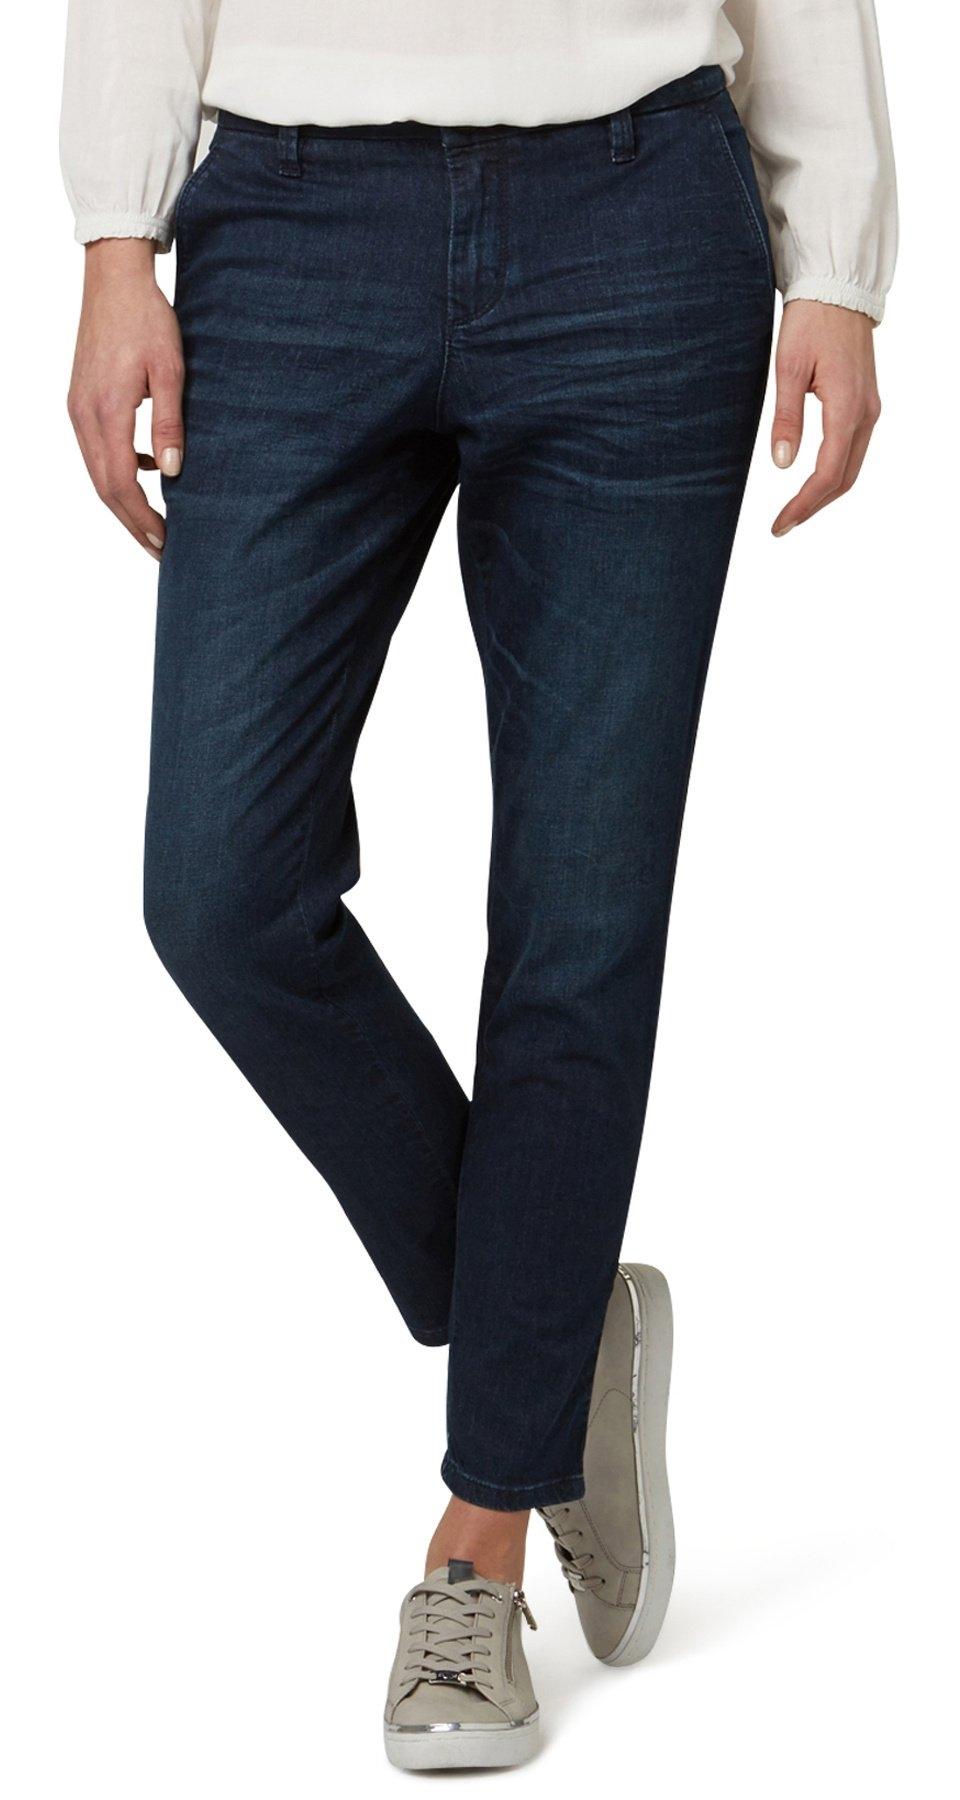 tom tailor jeans chino slim vind je bij otto. Black Bedroom Furniture Sets. Home Design Ideas